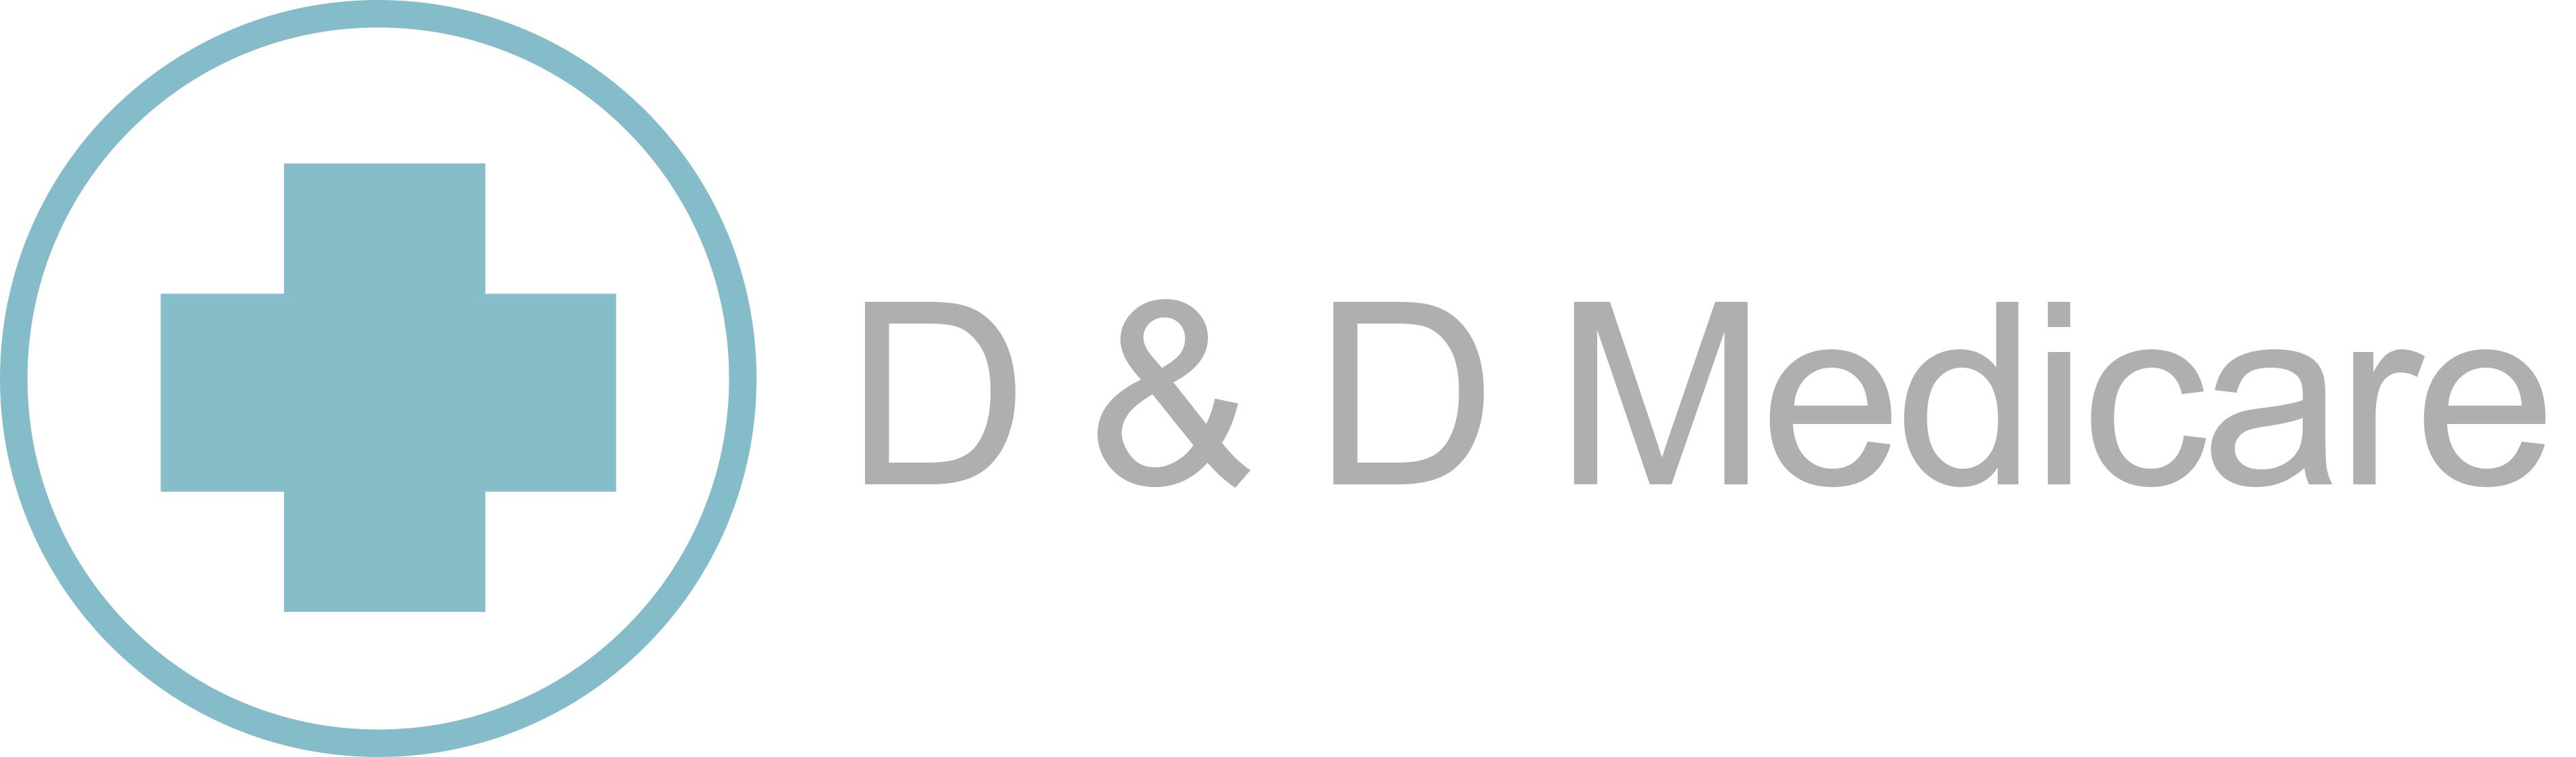 D & D Medicare